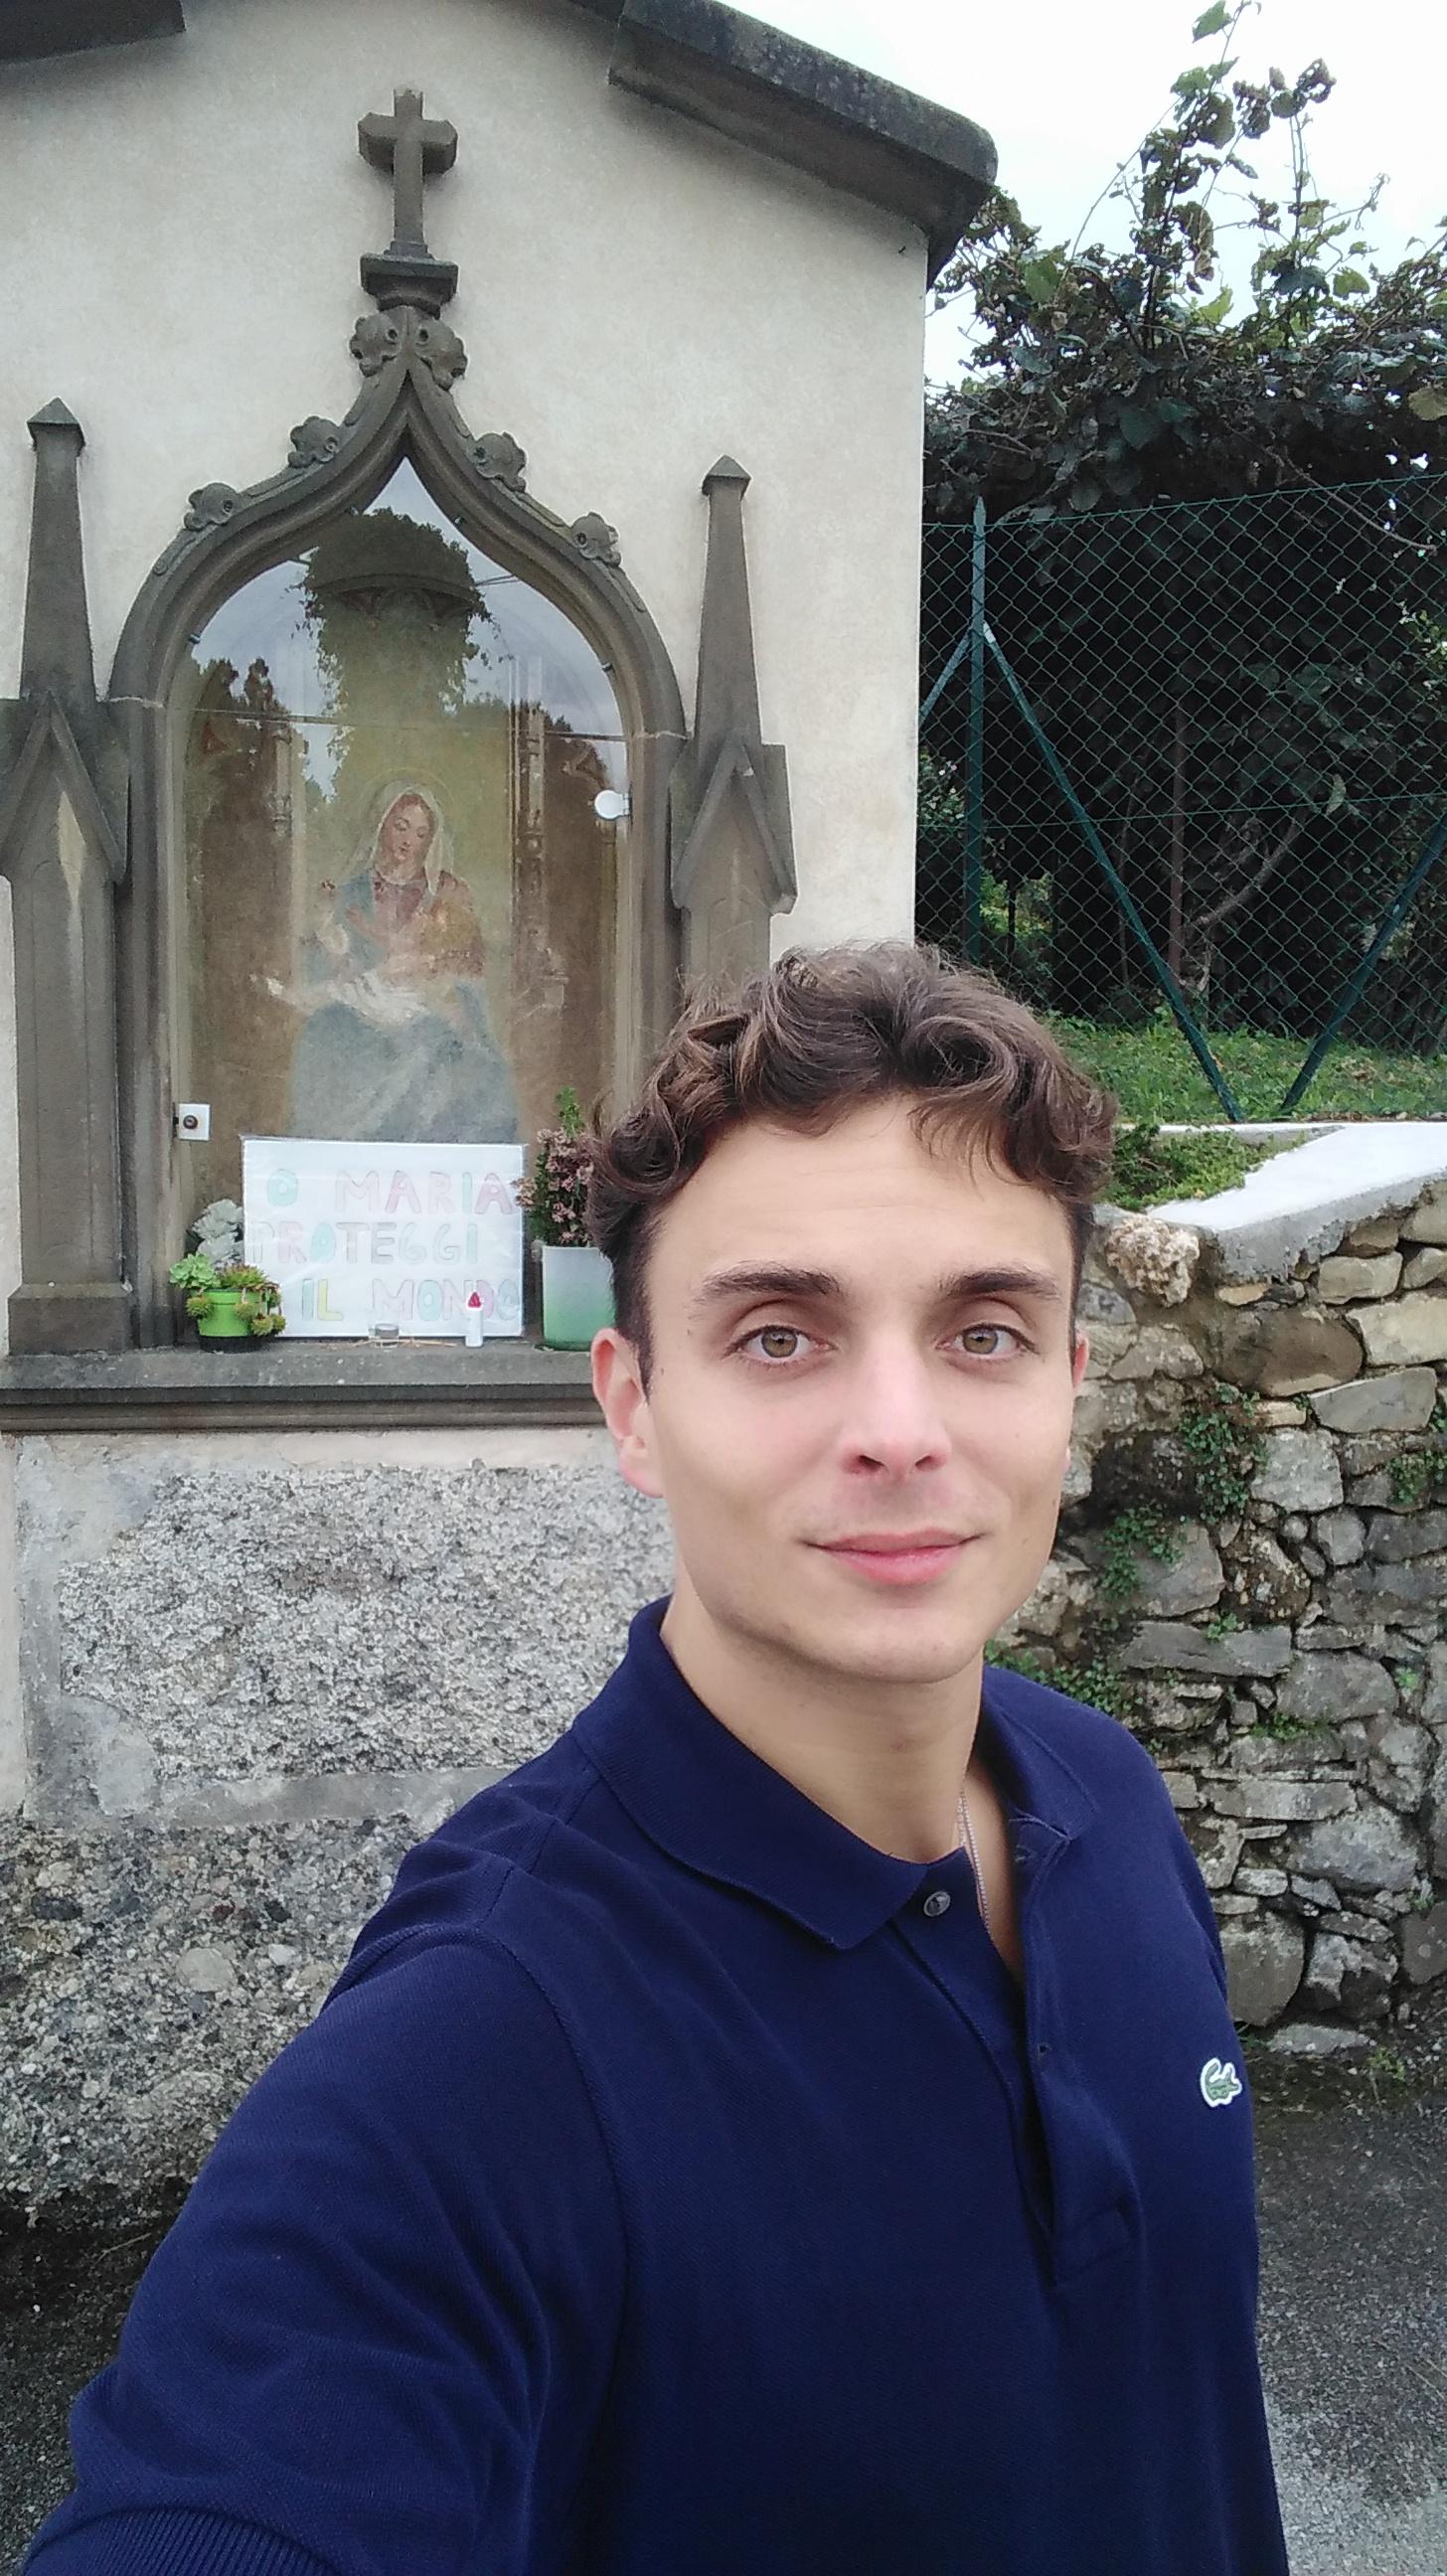 Persona davanti ad una rappresentazione di Maria